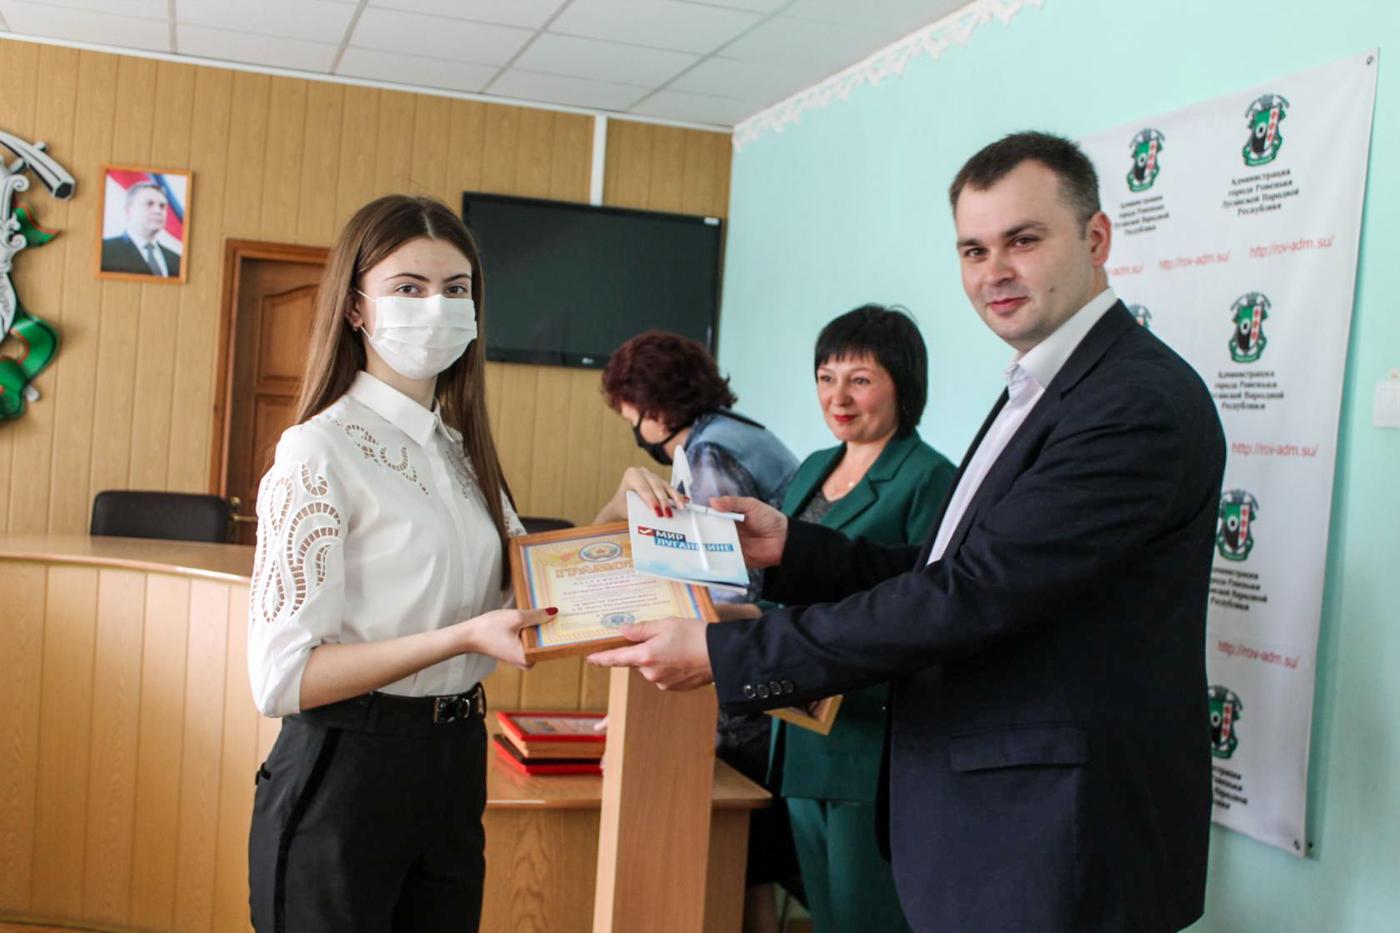 Выпускников и педагогов поздравили с окончанием учебного года в Ровеньках 3